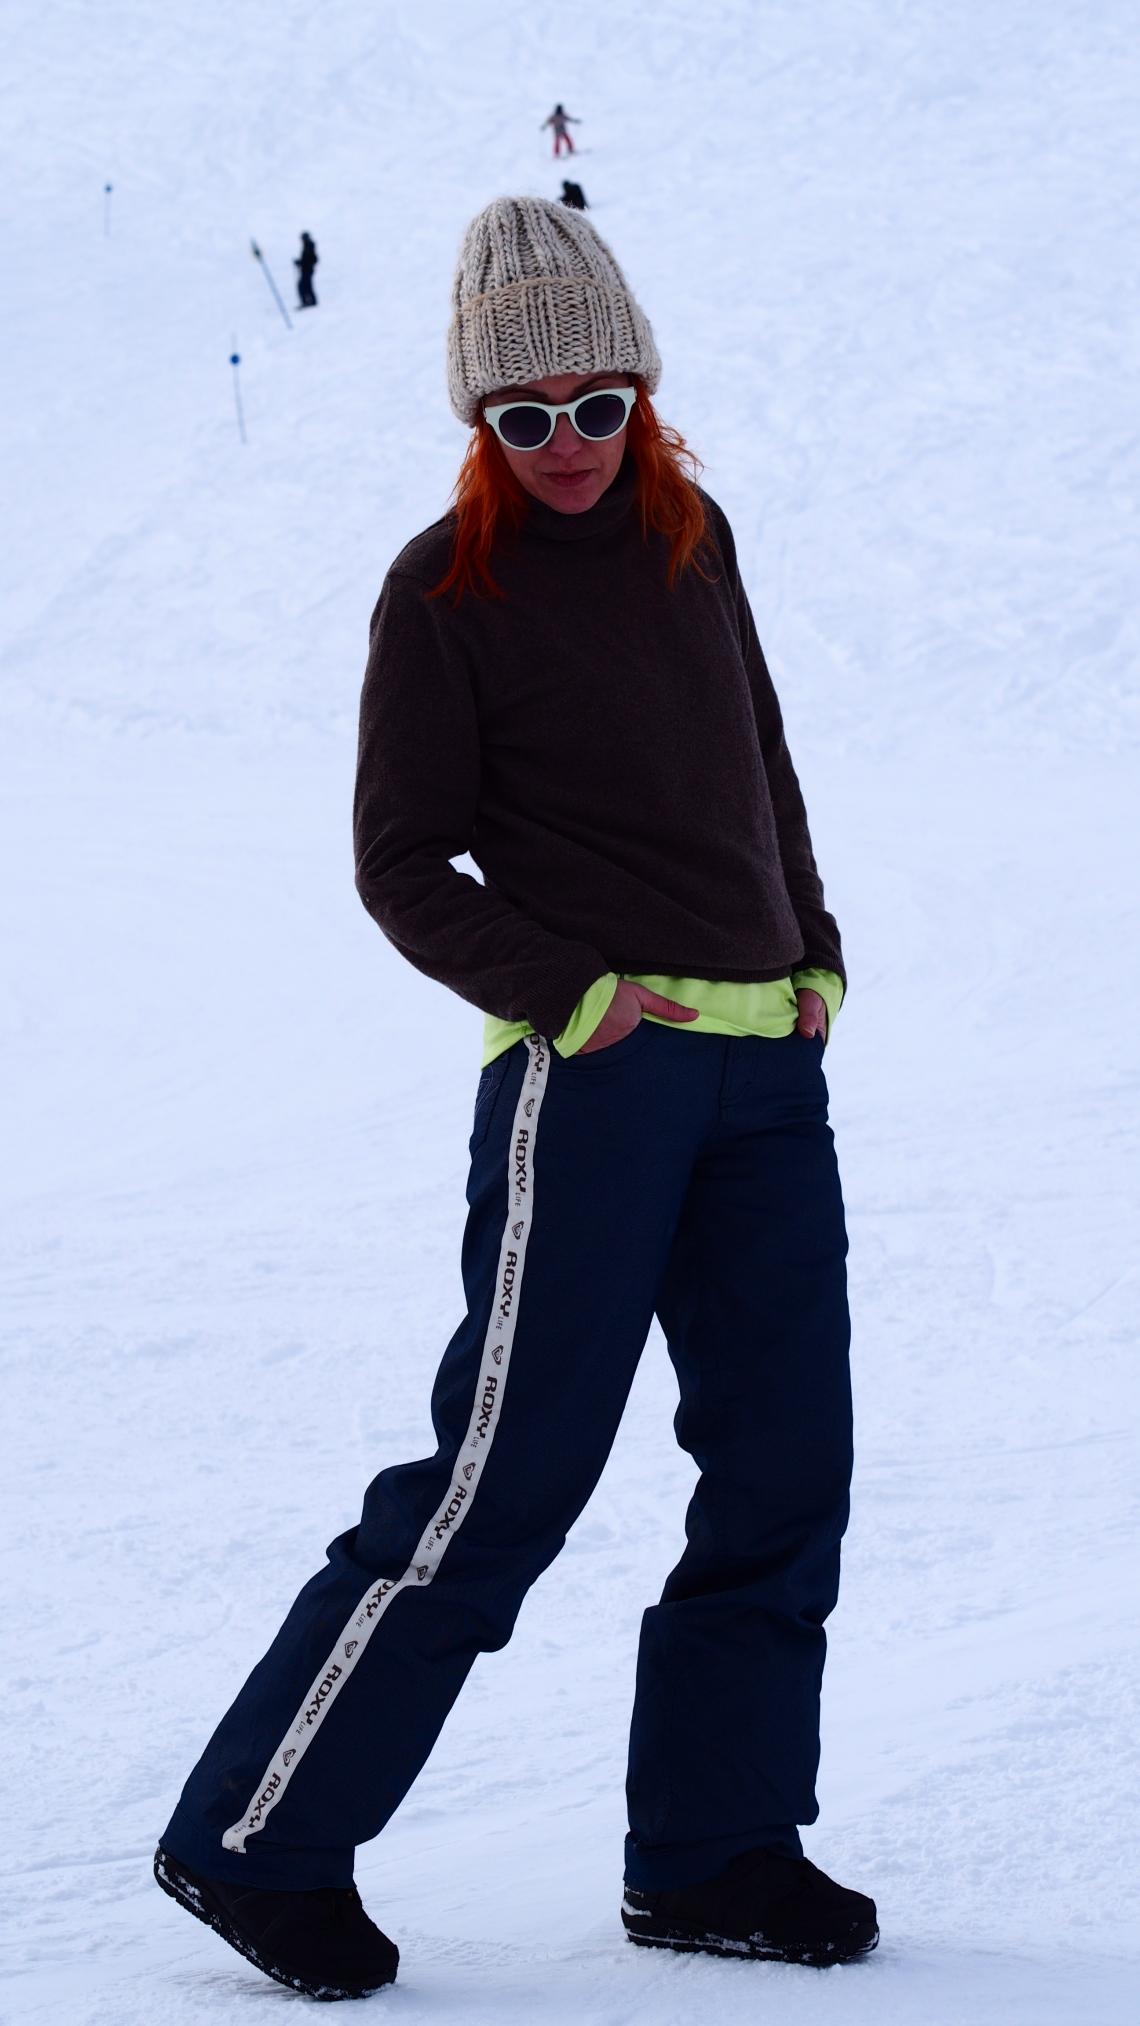 grand valira andorra el tarter + roxy pantalones snow